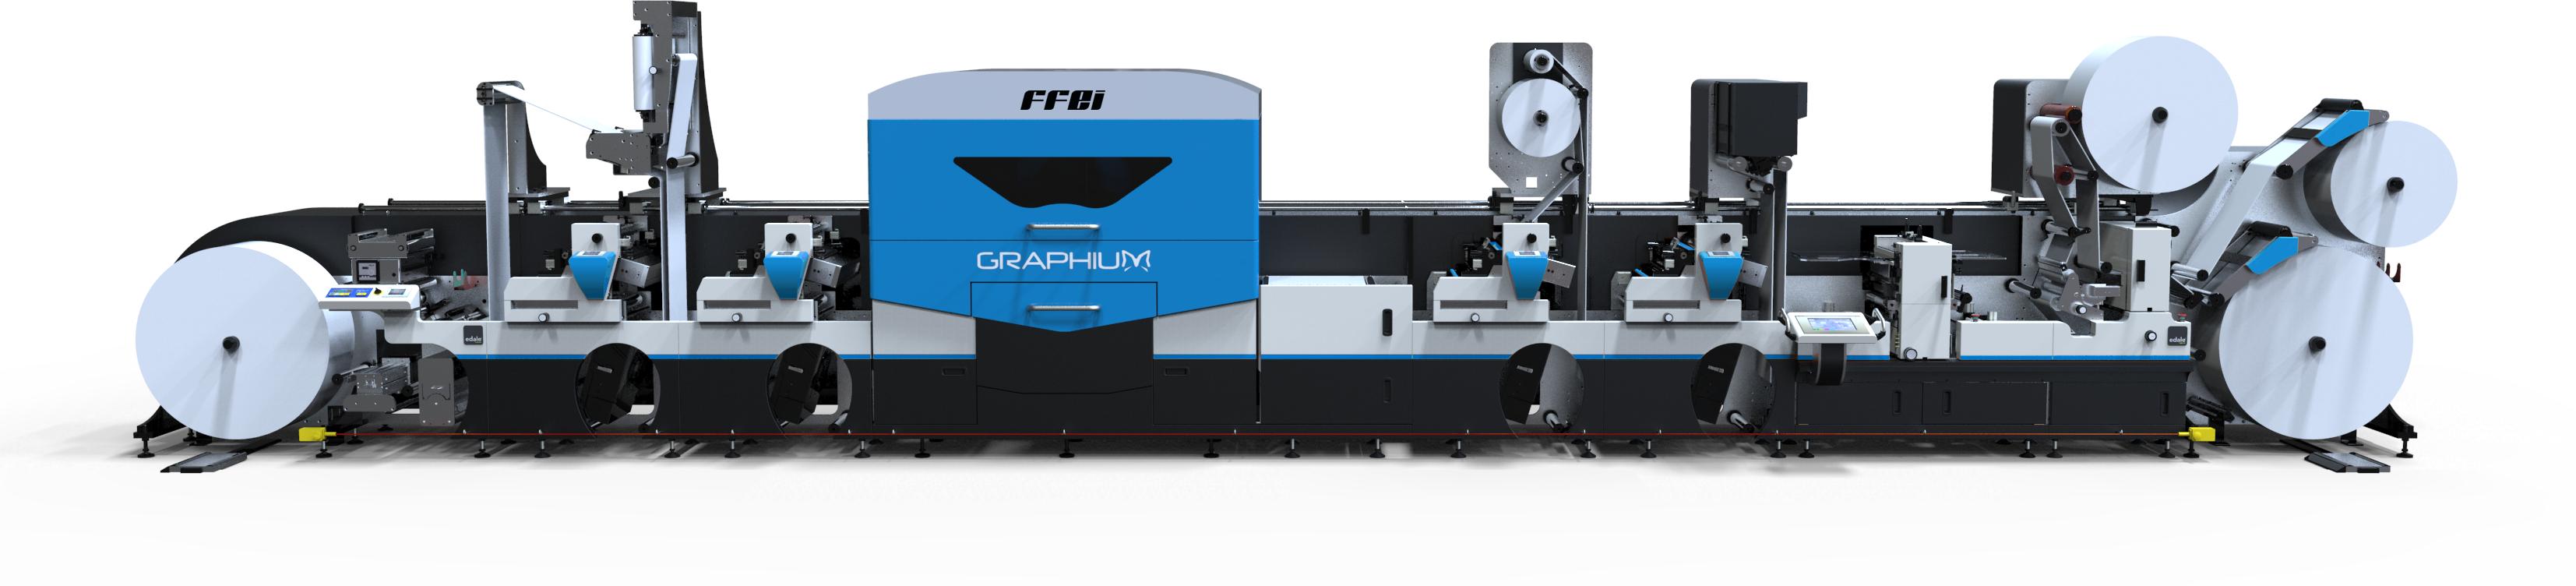 Graphium at Label Expo Americas